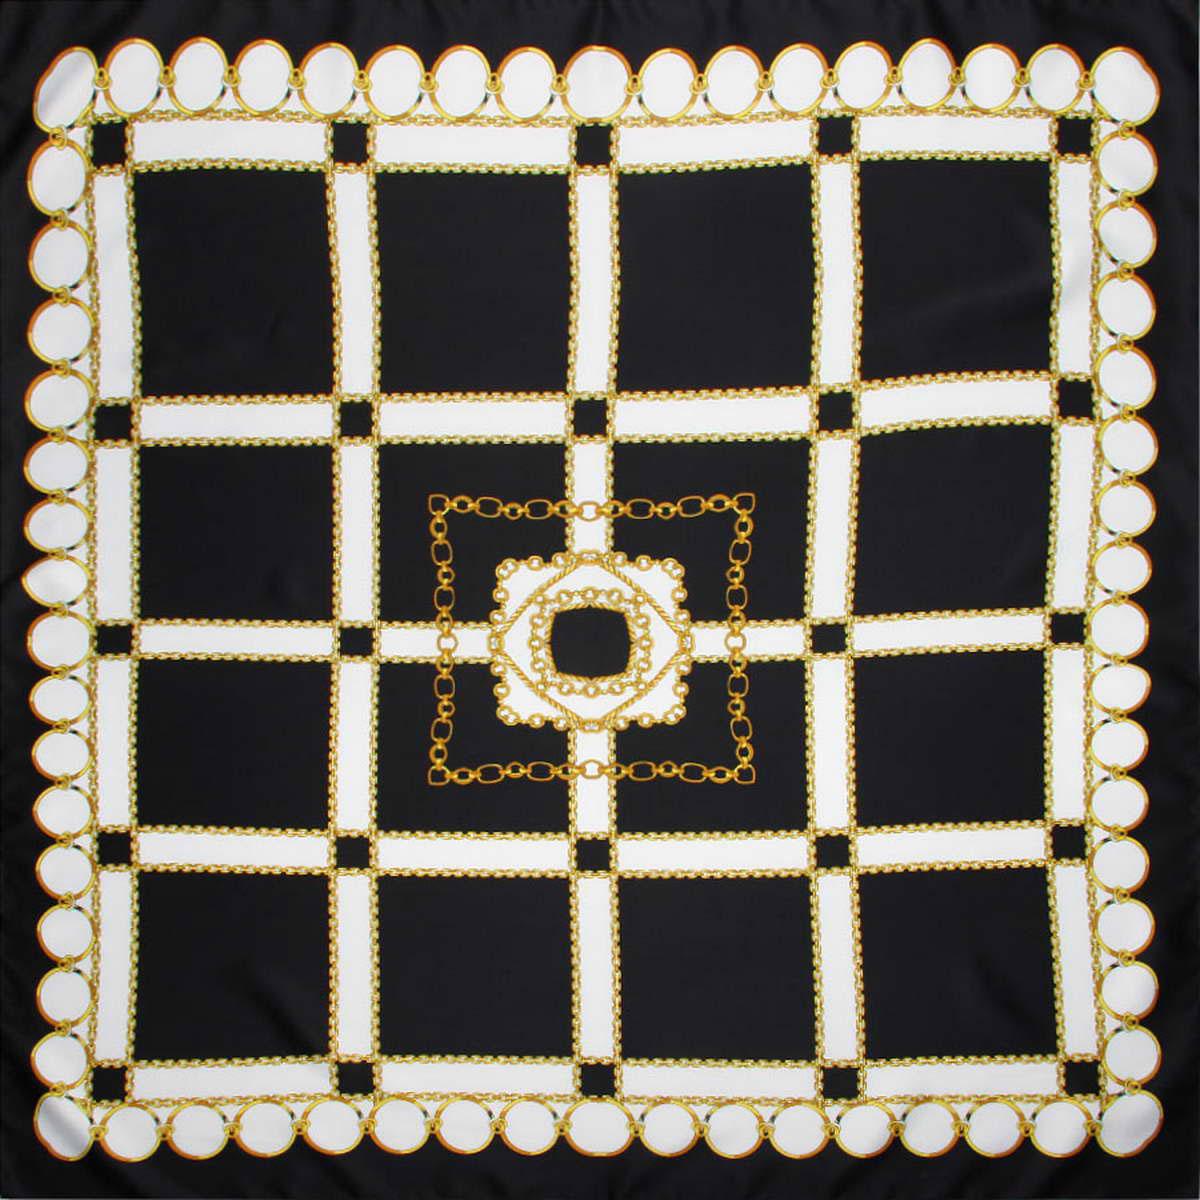 Платок женский Venera, цвет: черный, белый, желтый. 3914783-02. Размер 90 см х 90 см3914783-02Стильный женский платок Venera станет великолепным завершением любого наряда. Платок изготовлен из полиэстера и оформлен принтом в виде цепей и колец. Классическая квадратная форма позволяет носить платок на шее, украшать им прическу или декорировать сумочку. Легкий и приятный на ощупь платок поможет вам создать изысканный женственный образ. Такой платок превосходно дополнит любой наряд и подчеркнет ваш неповторимый вкус и элегантность.